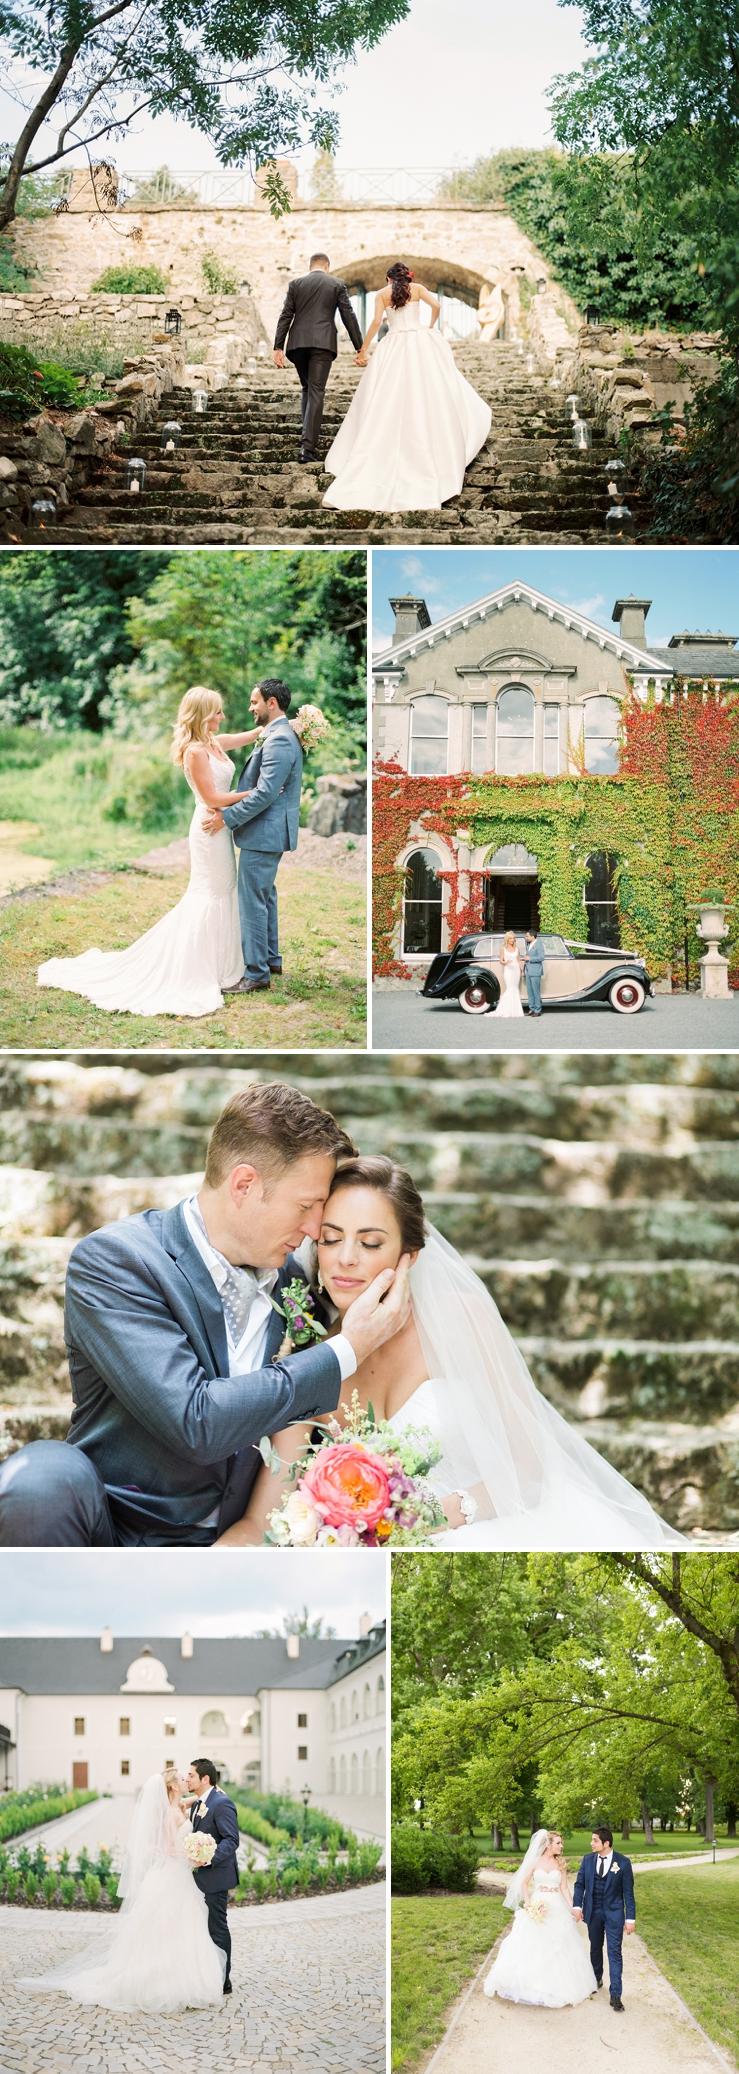 Perfect Day, svadba, slovensko, kde fotit svadobne portrety_0037